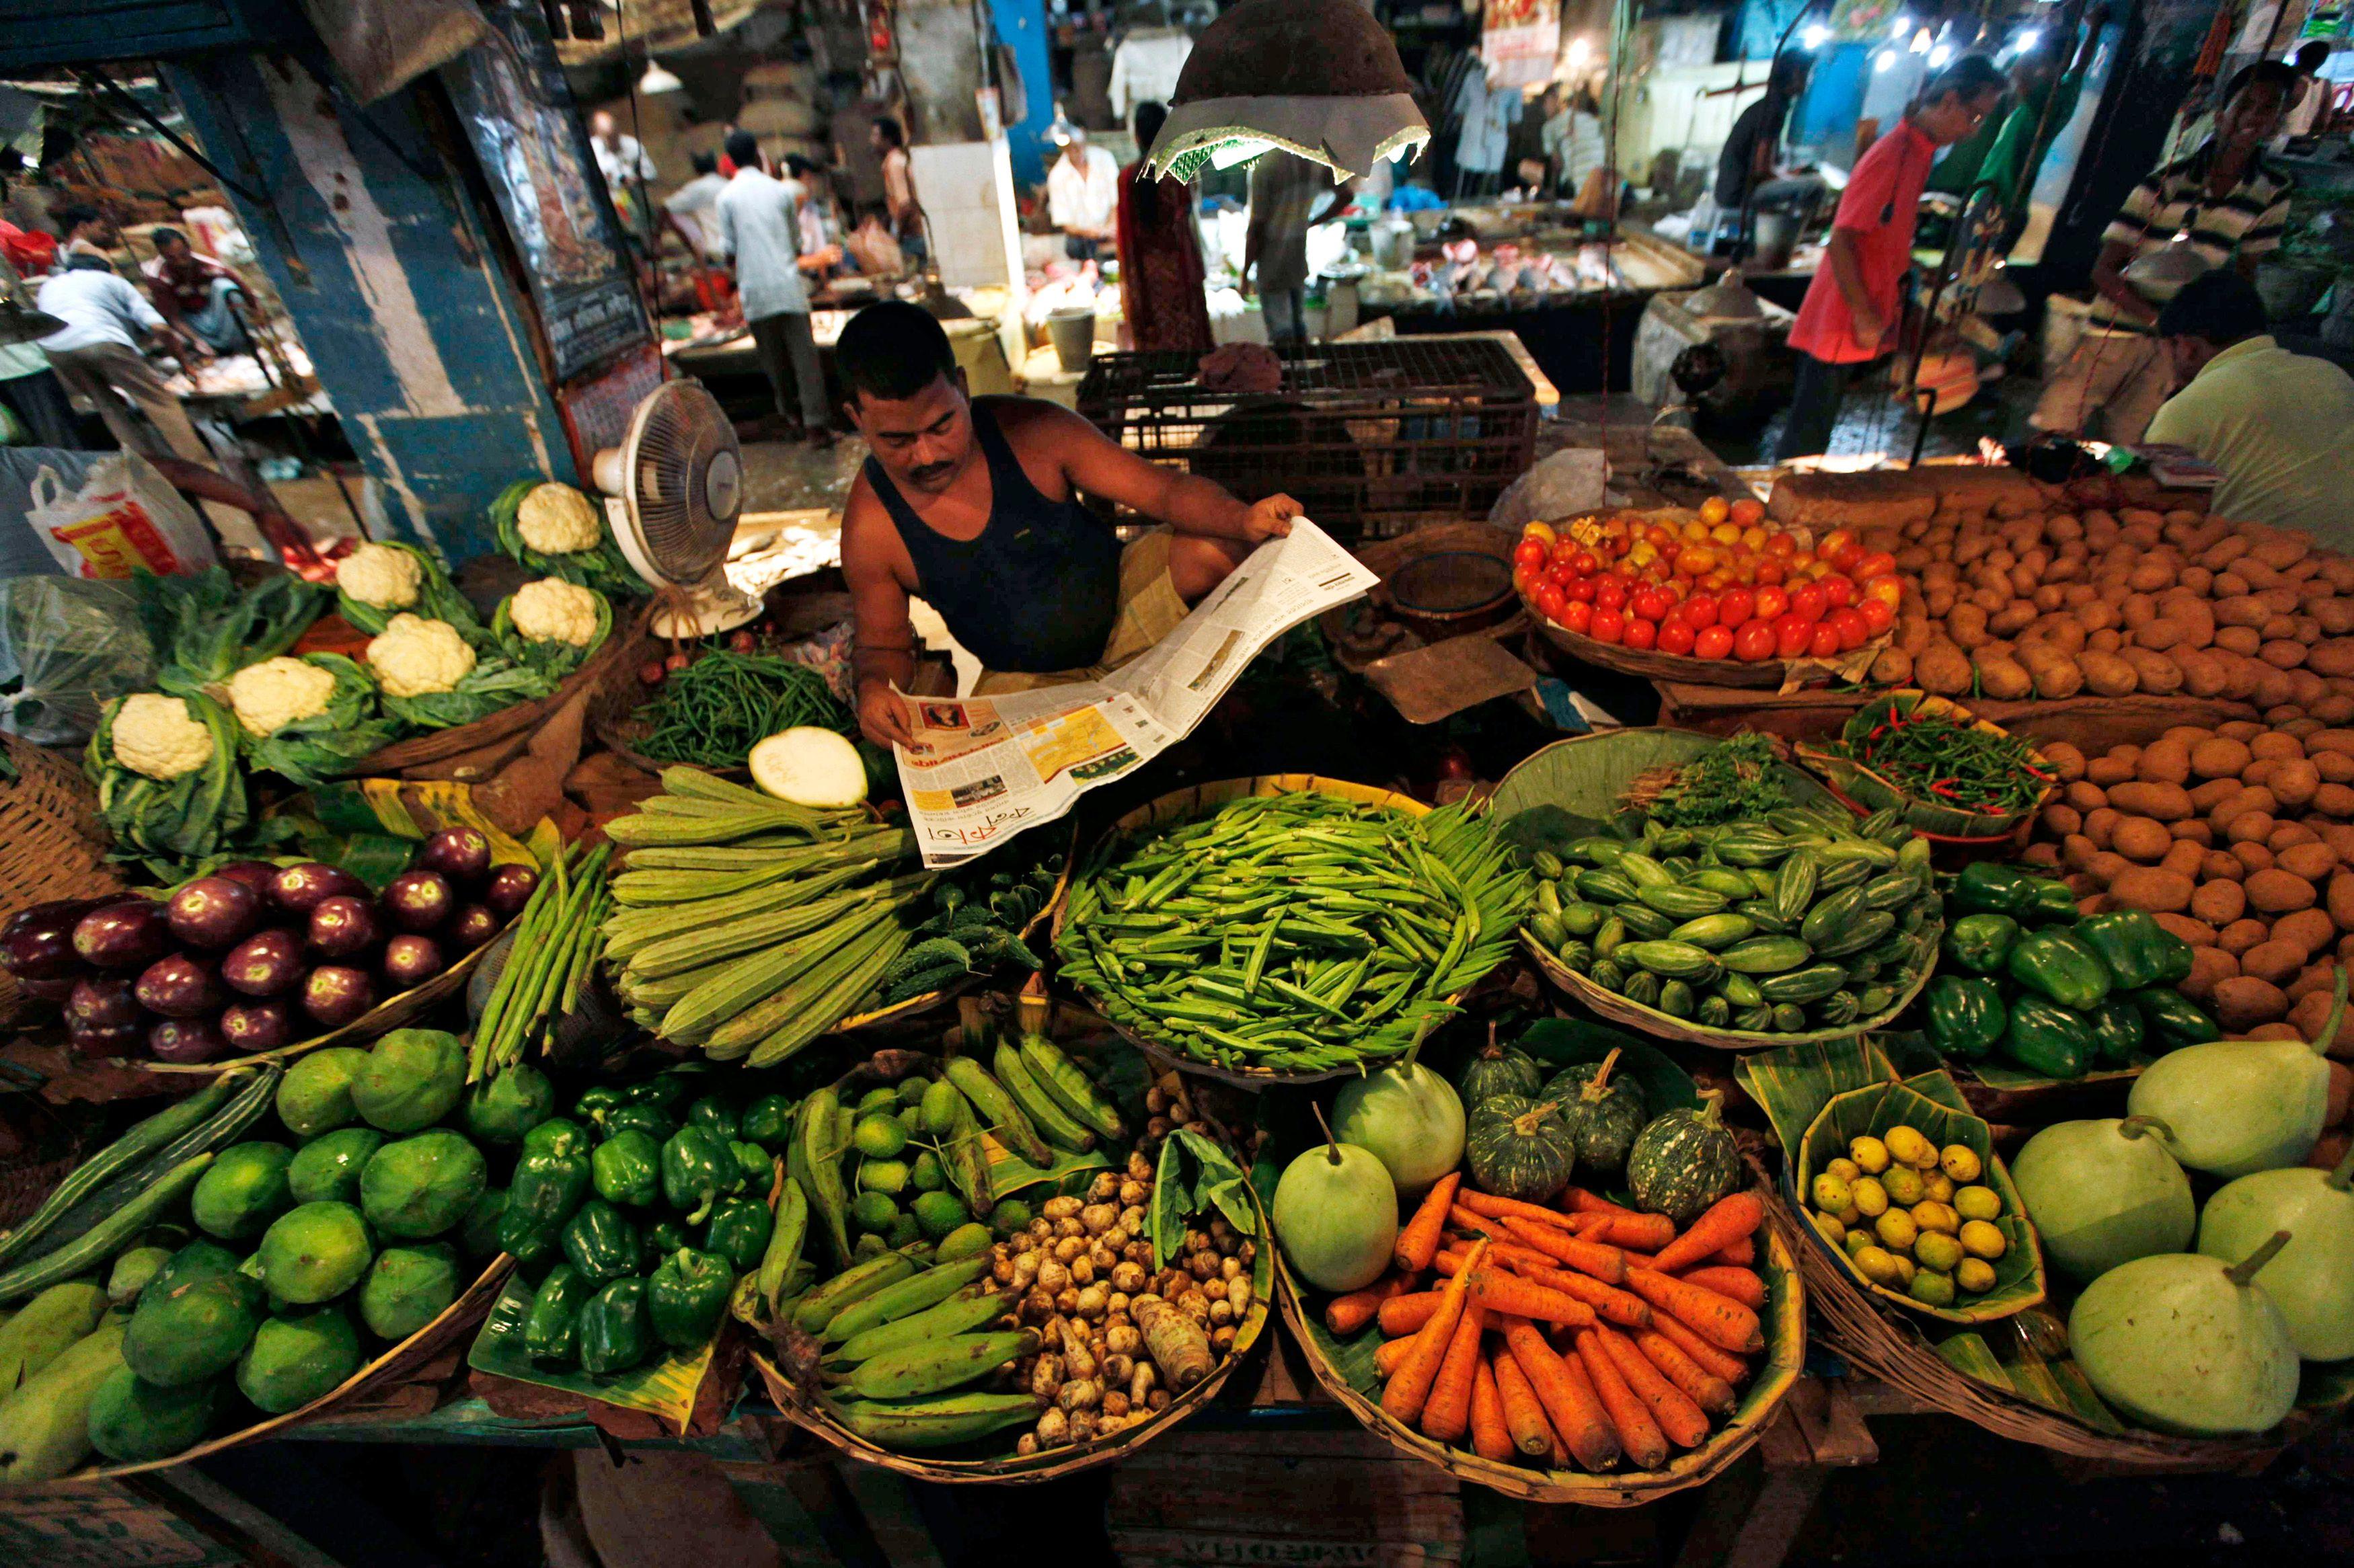 Des chercheurs montrent que manger des fruits et légumes rend optimiste.